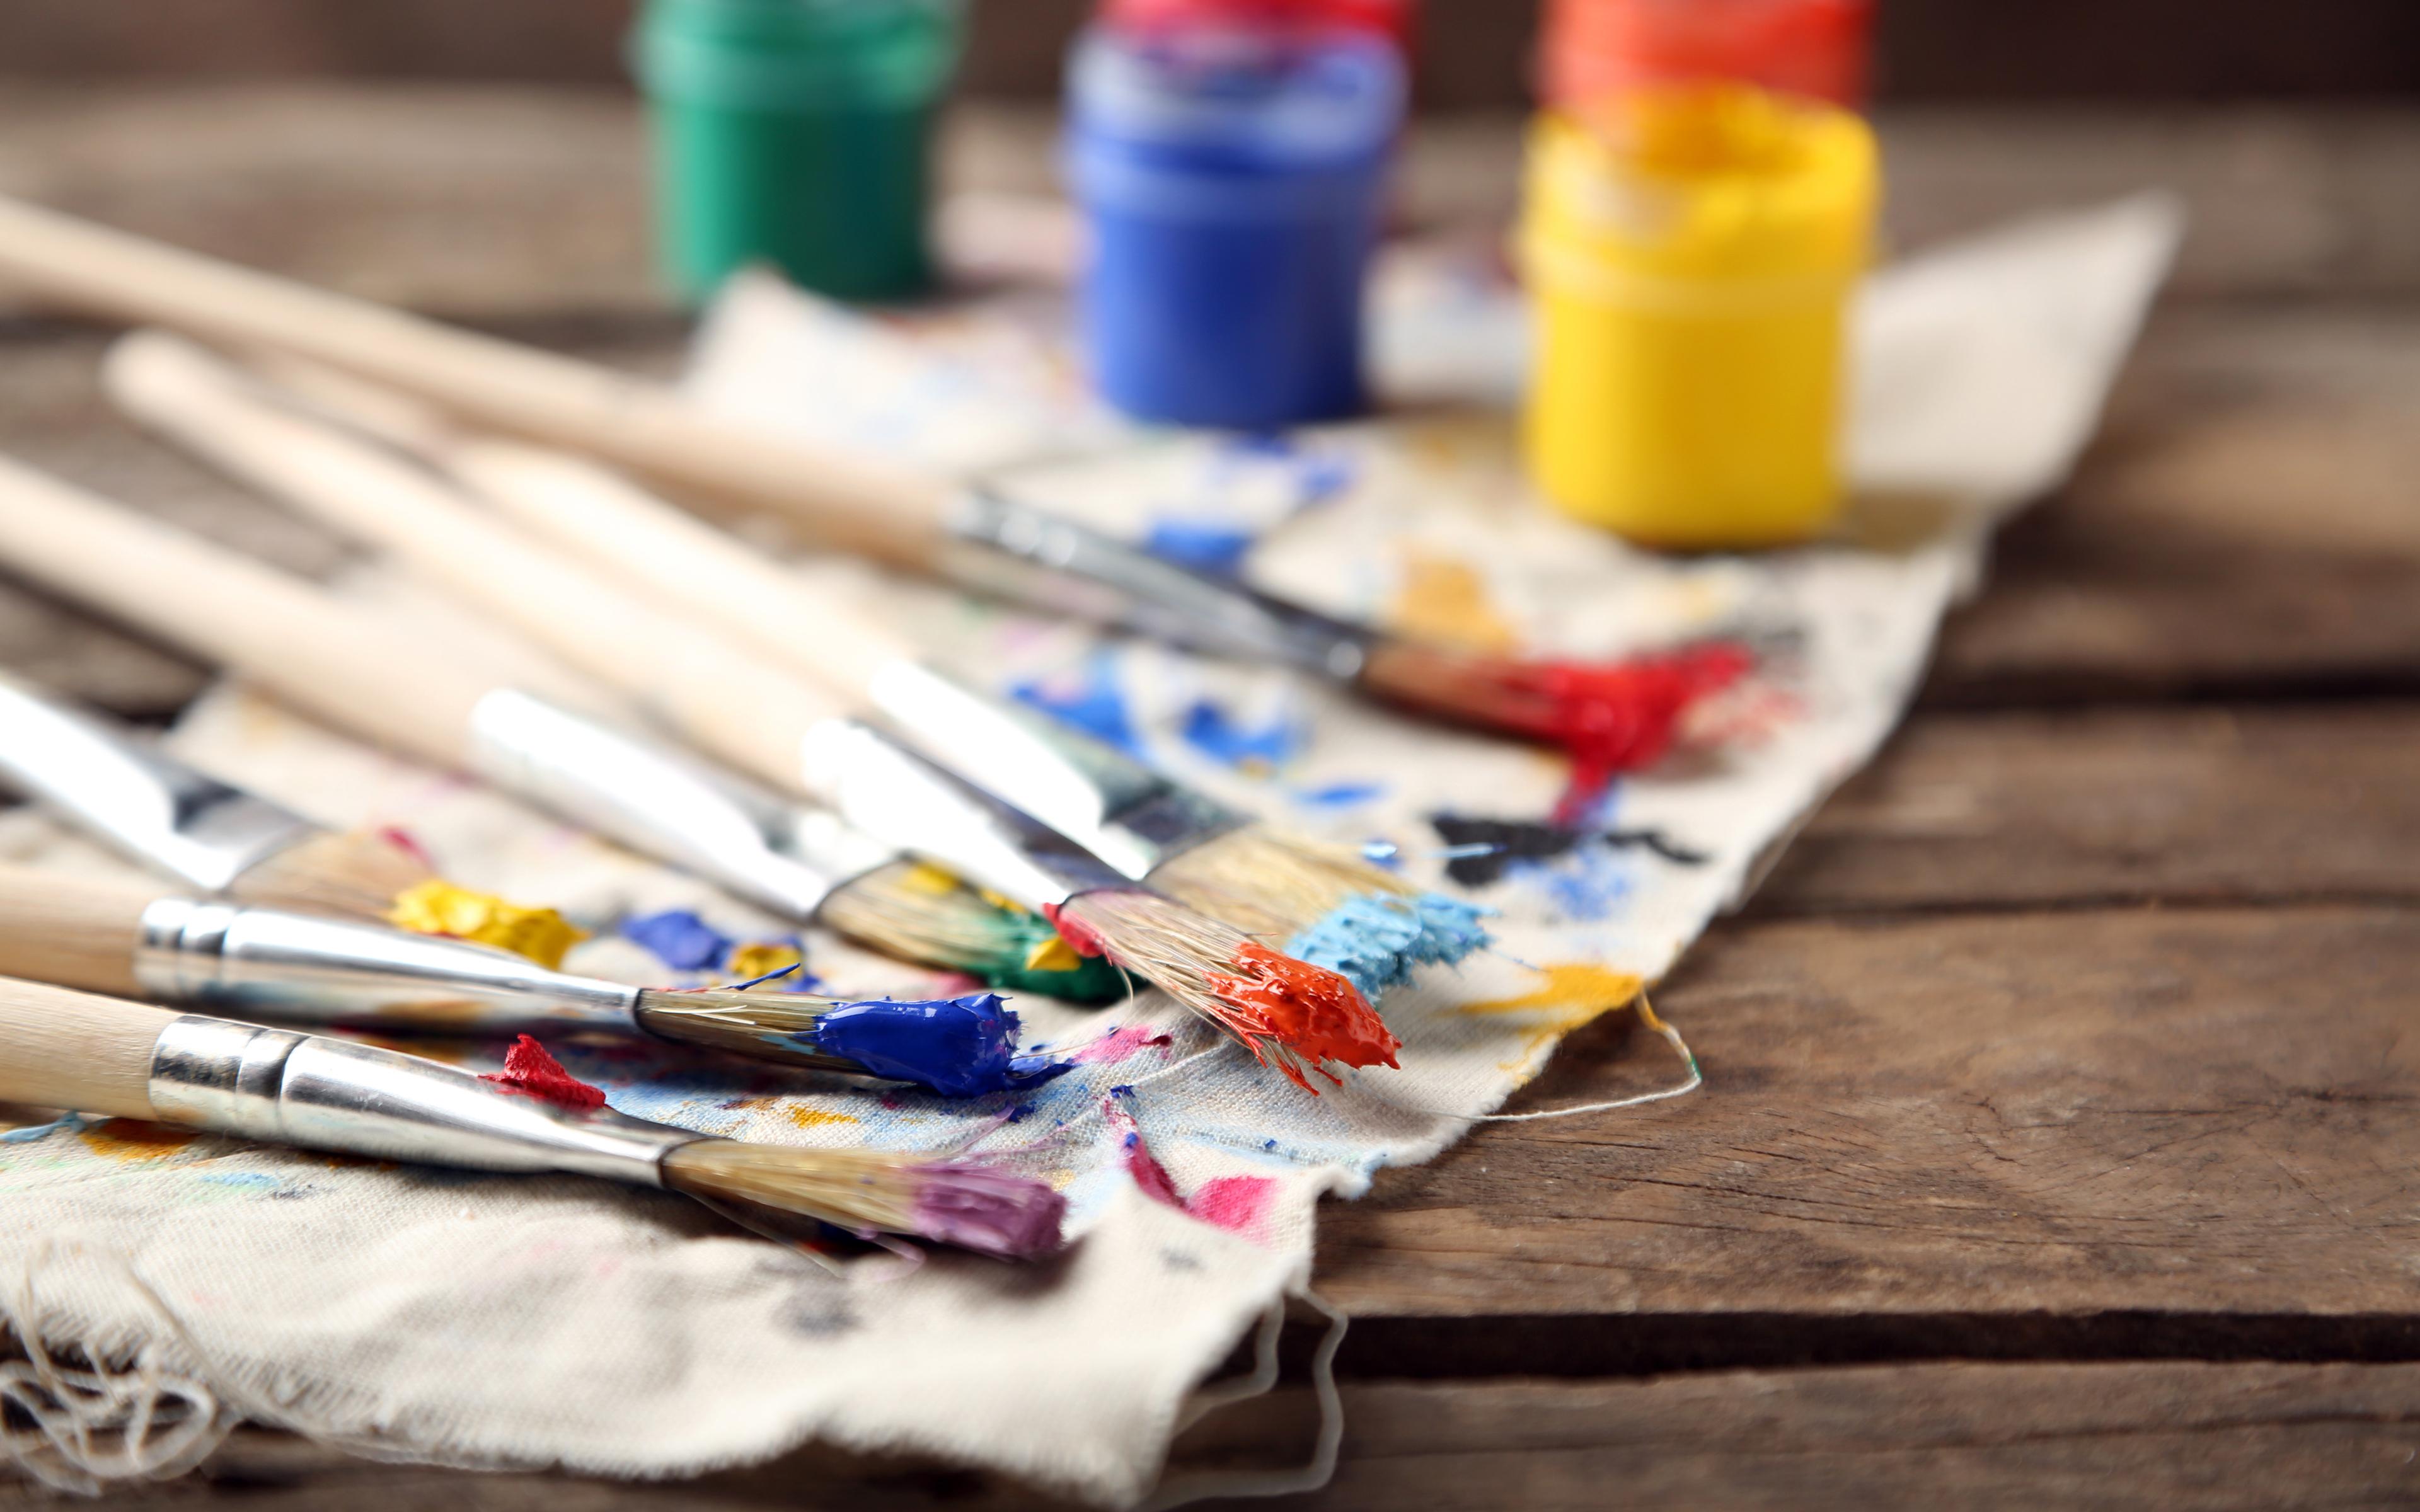 липницкая все картинки с кистями и красками для художников девушек называли